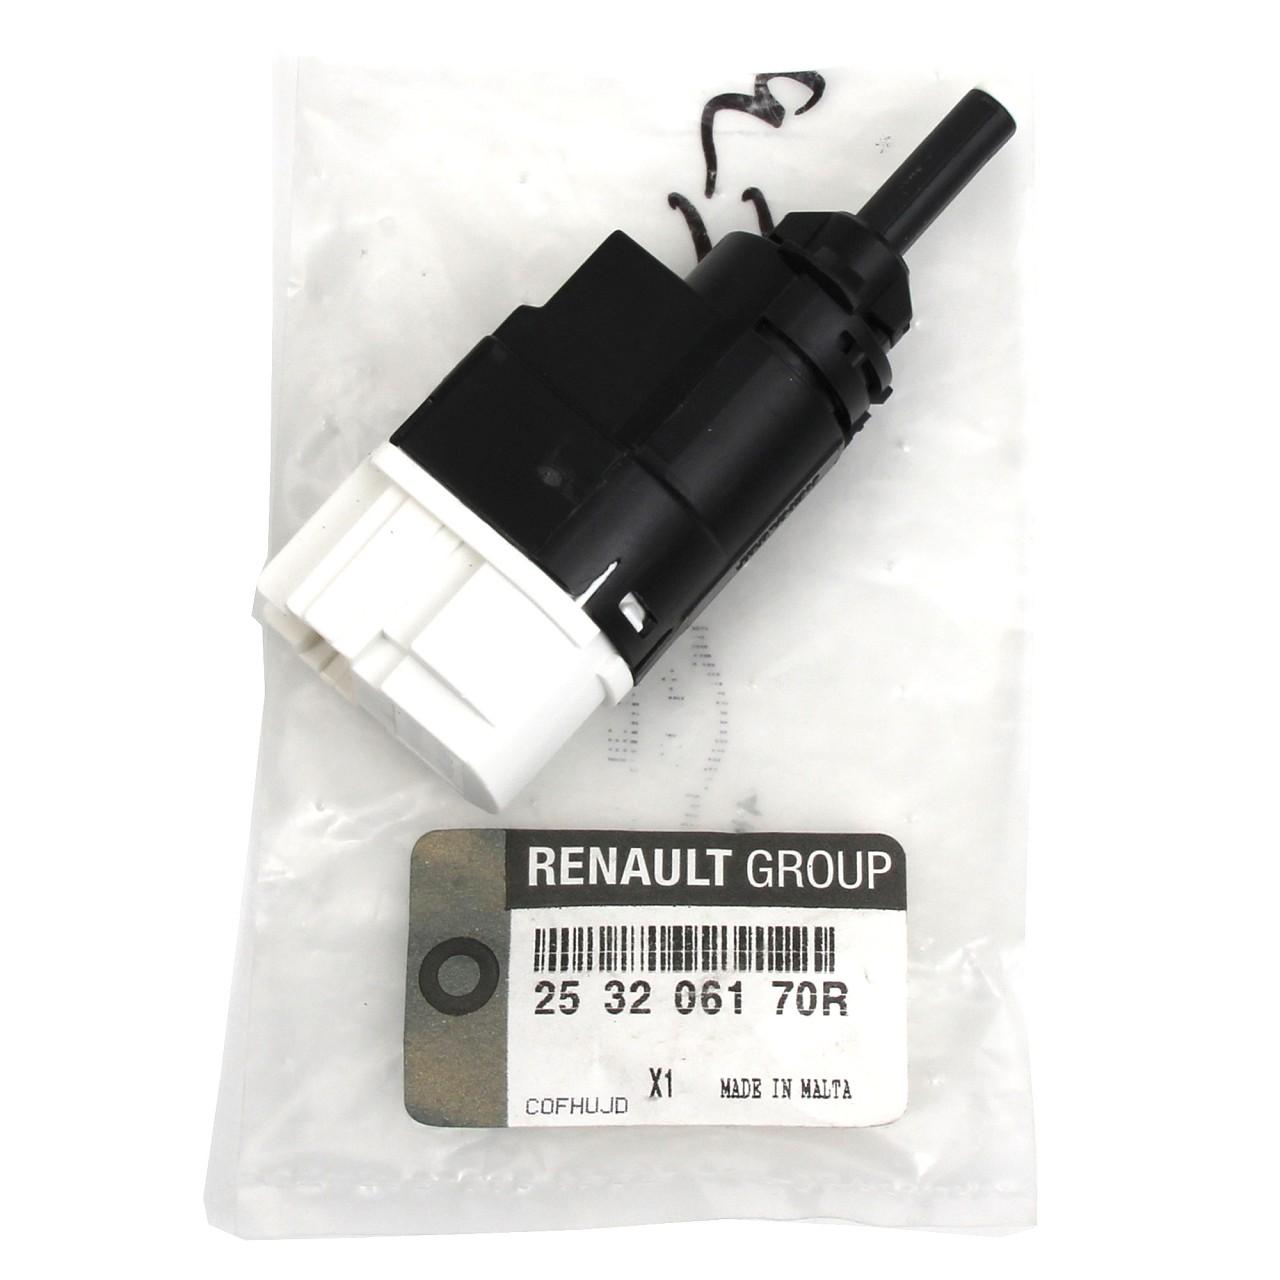 ORIGINAL Renault Bremslichtschalter Schalter Bremslicht Clio Modus 253206170R